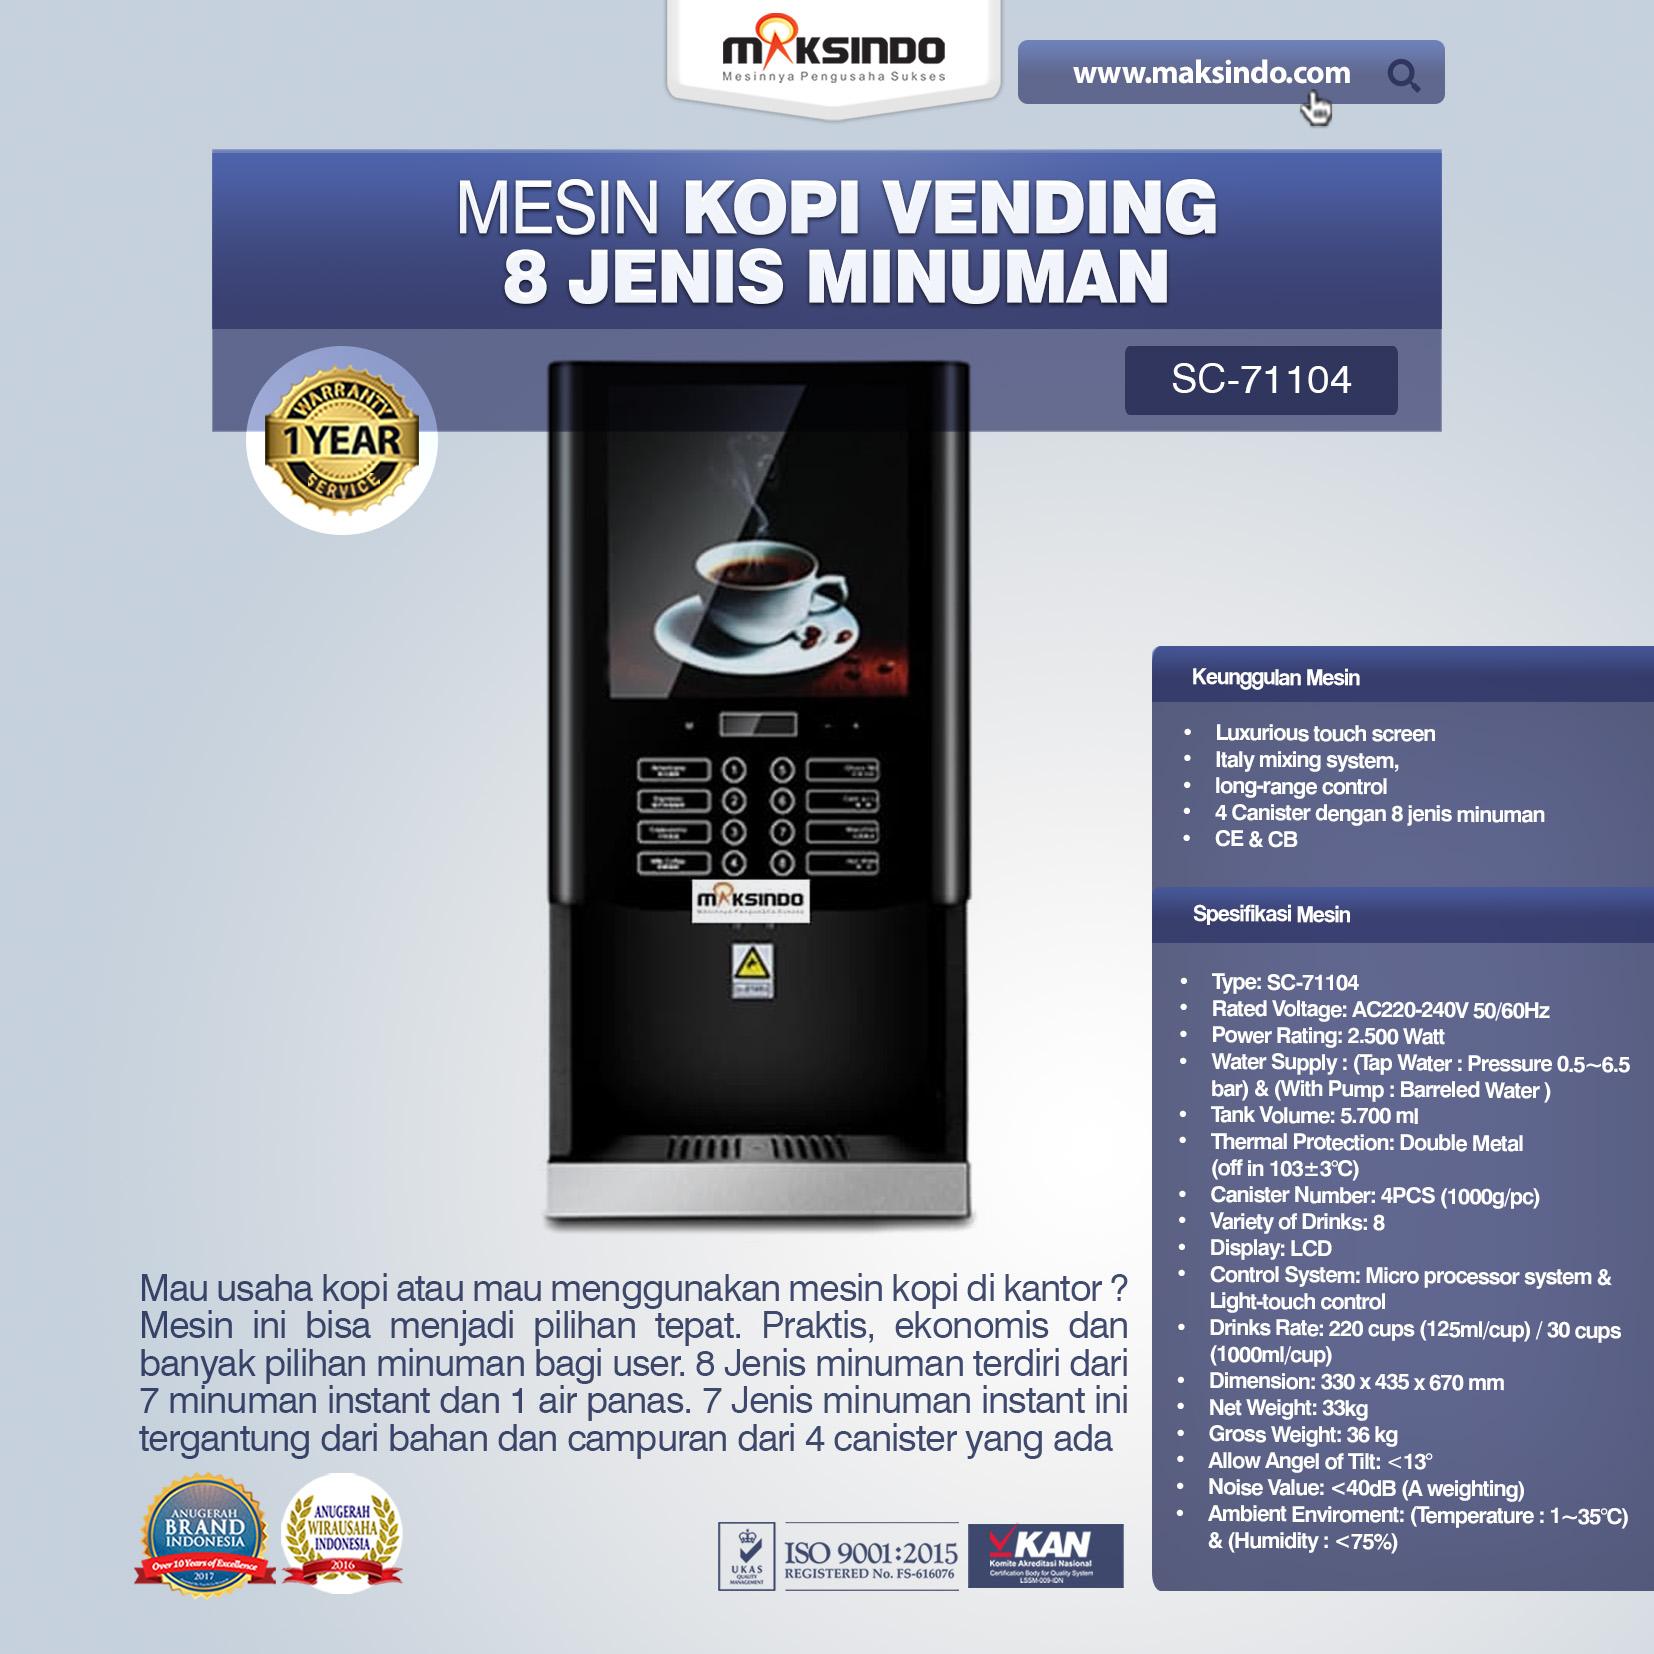 Jual Mesin Kopi Vending 8 Jenis Minuman Di Pekanbaru